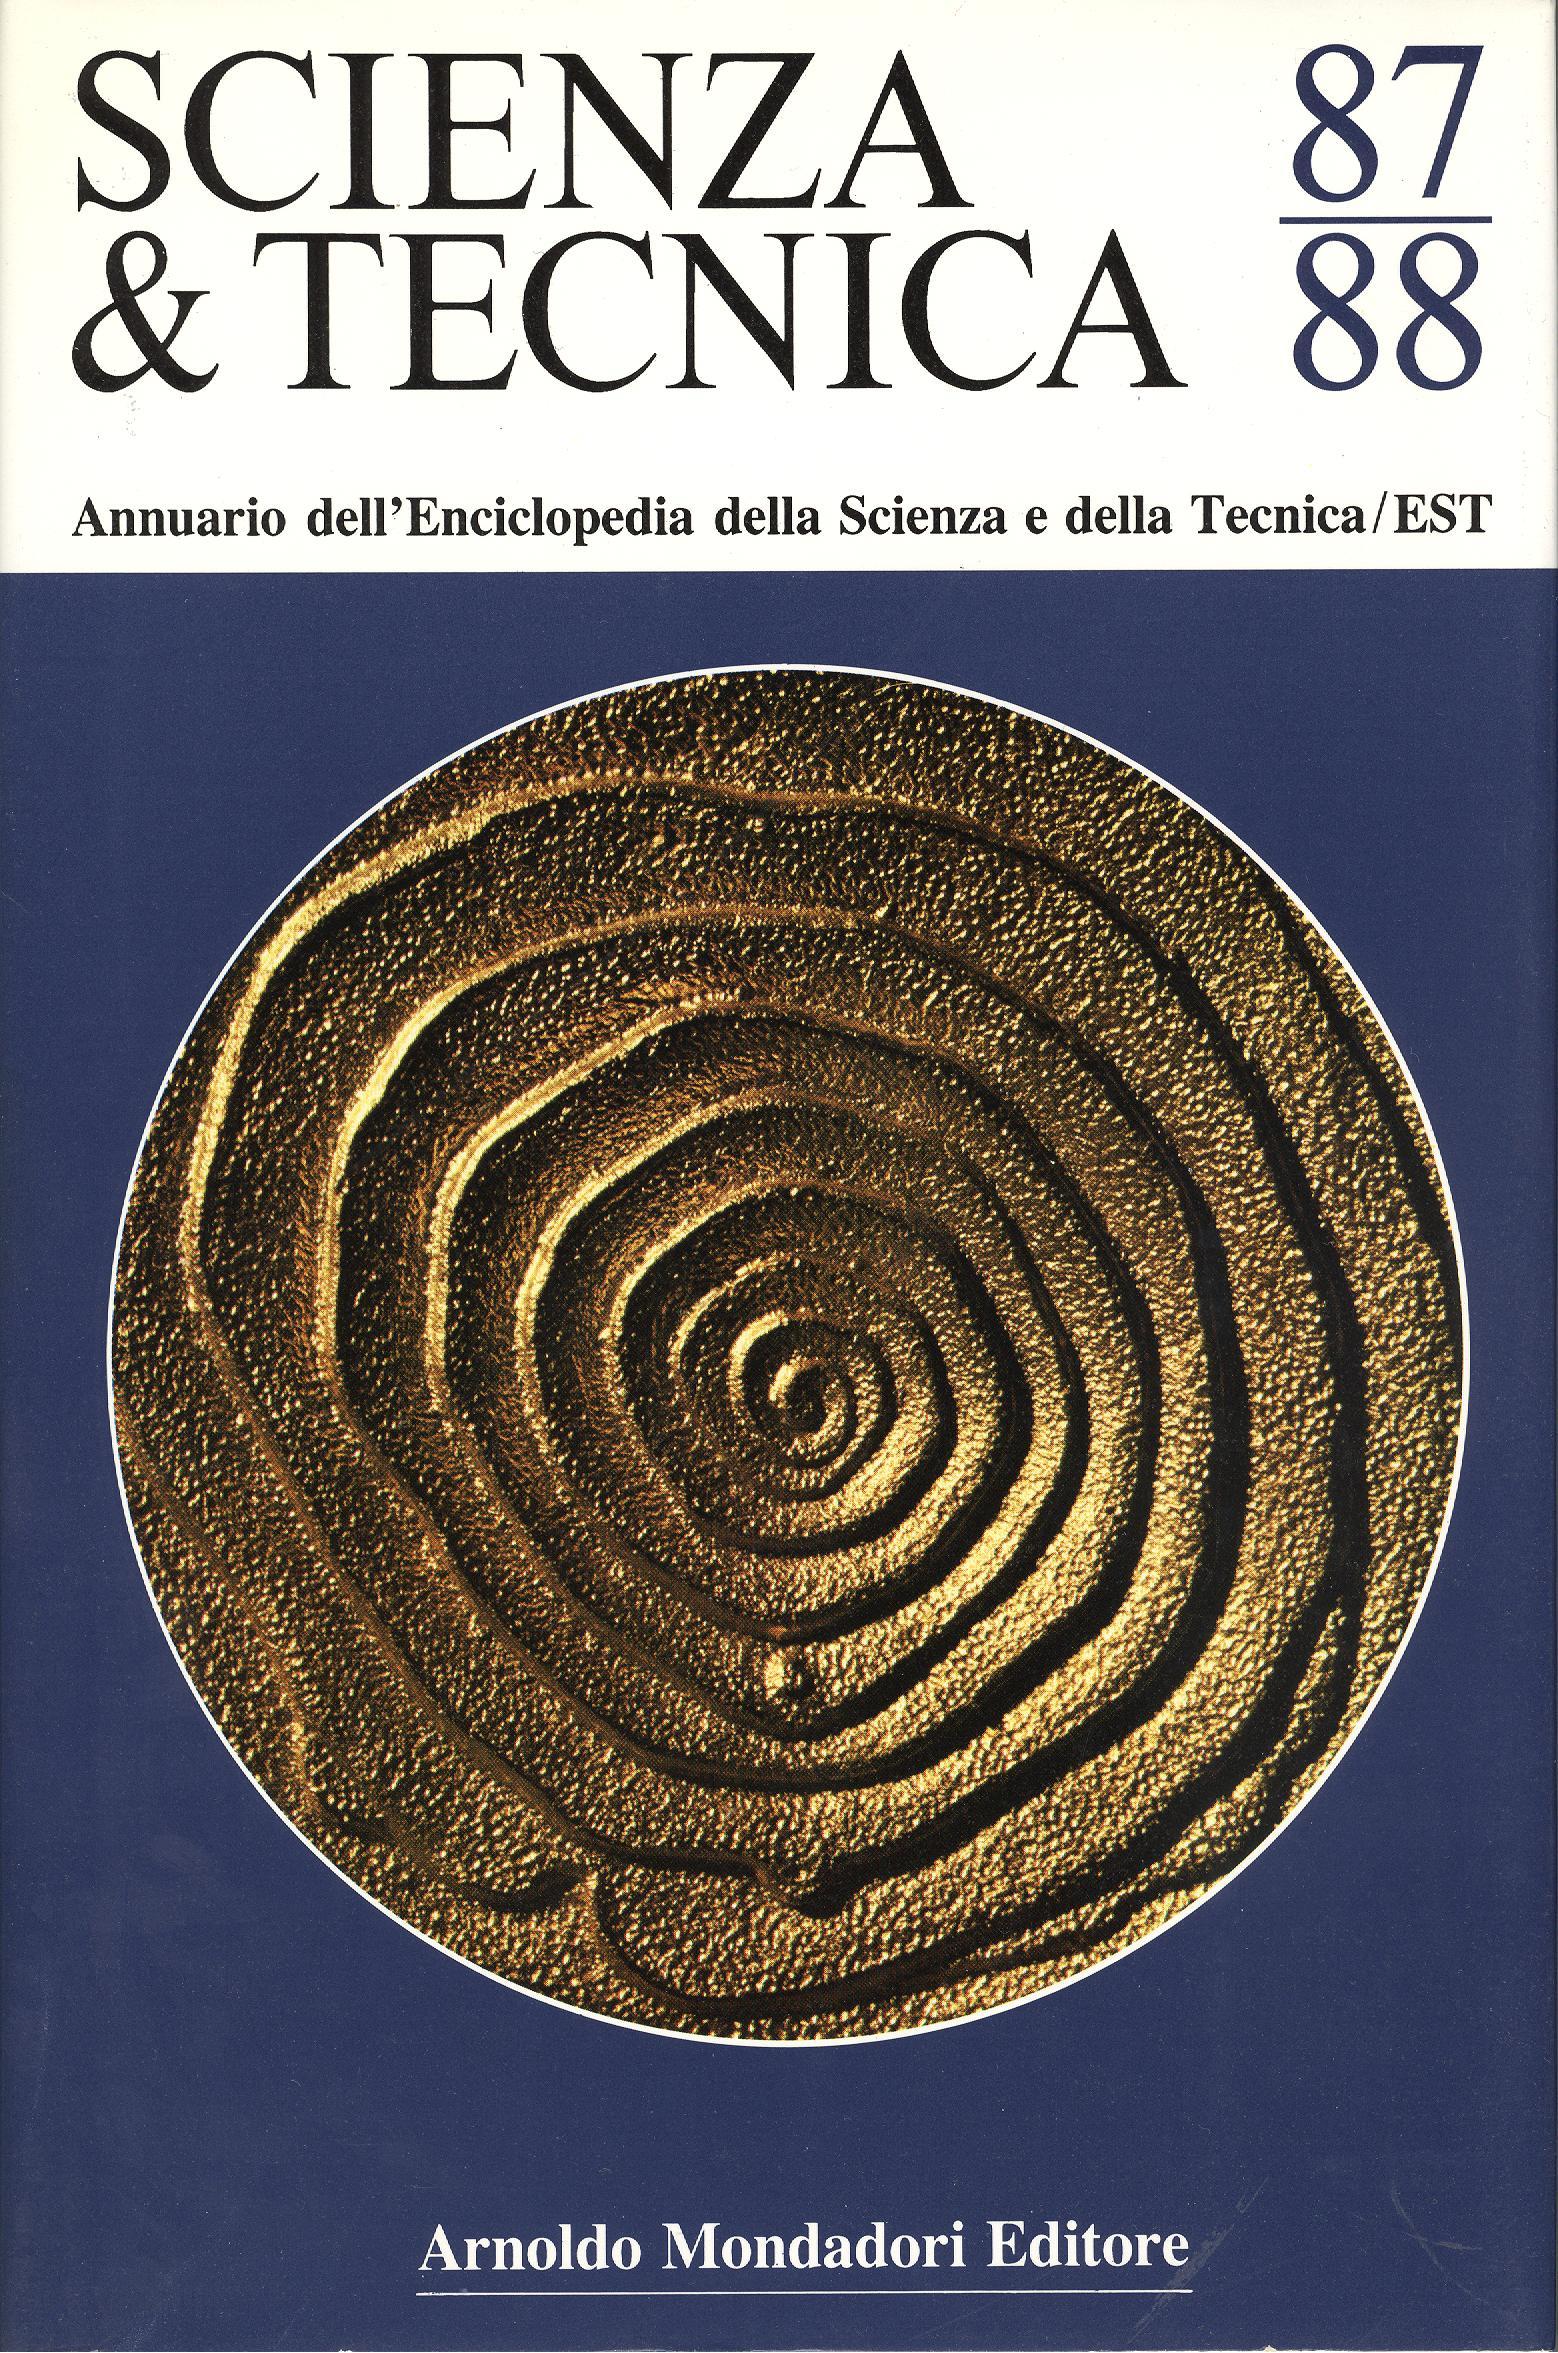 Scienza & Tecnica 87-88